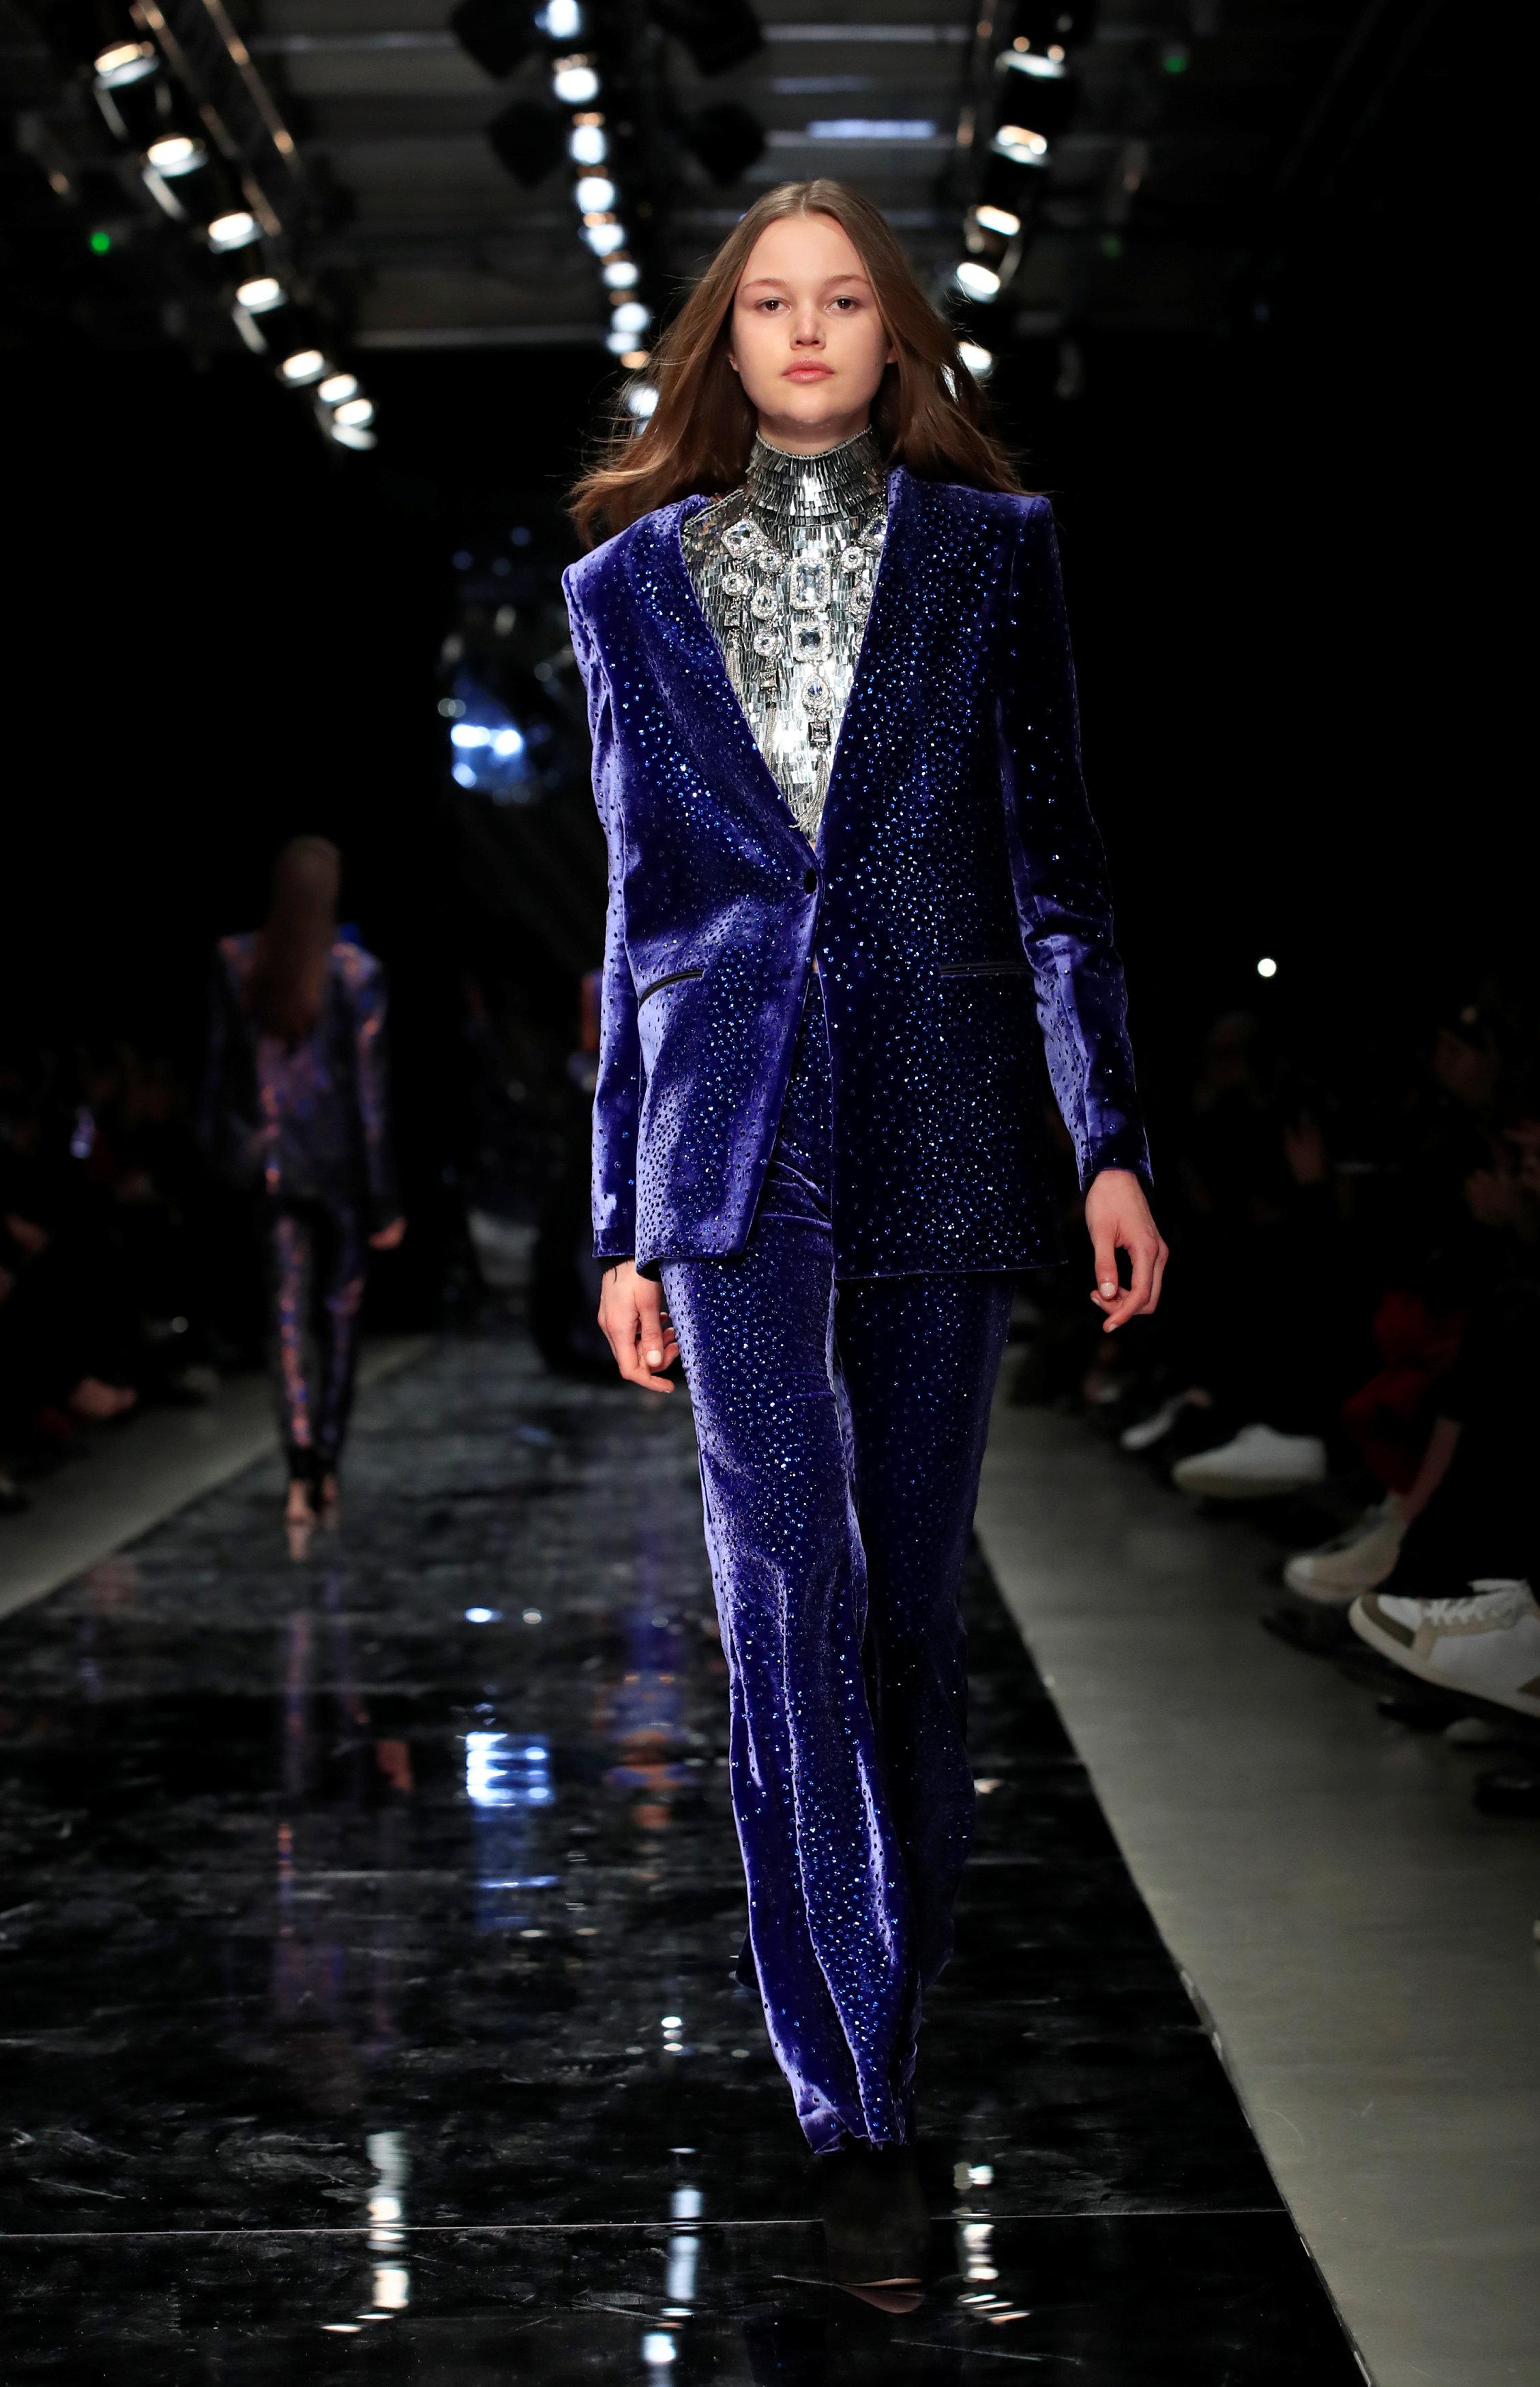 عرض أزياء ماكسيم سيمنز خلال أسبوع الموضة بباريس (17)